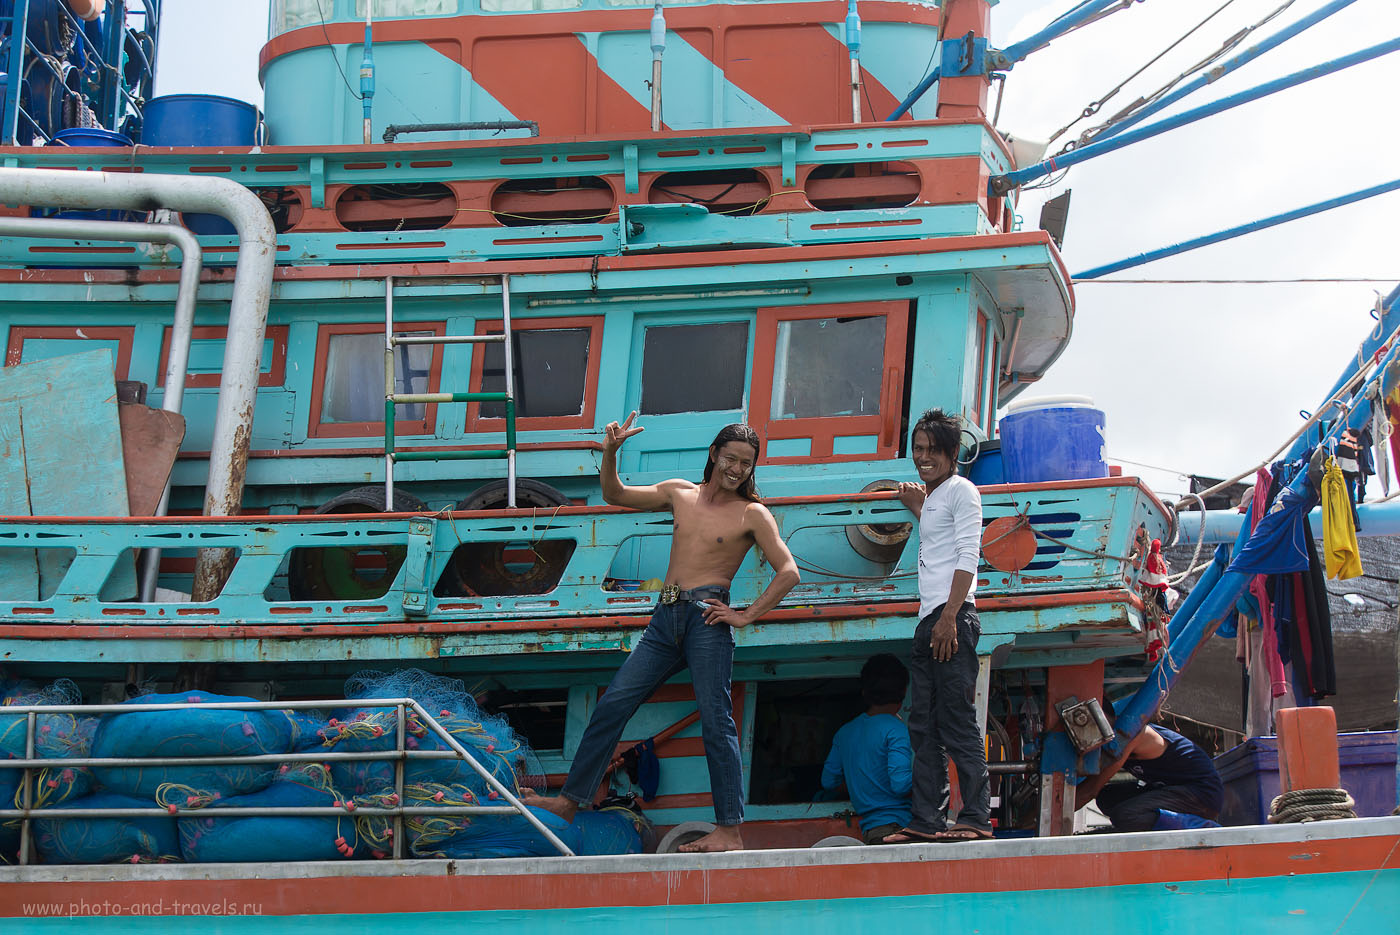 Фотография 11. Отдых в Таиланде самостоятельно. Отзывы туристов о поездке в рыбацкую деревню. Заряд хорошего настроения (320, 70, 4.5, 1/1250)